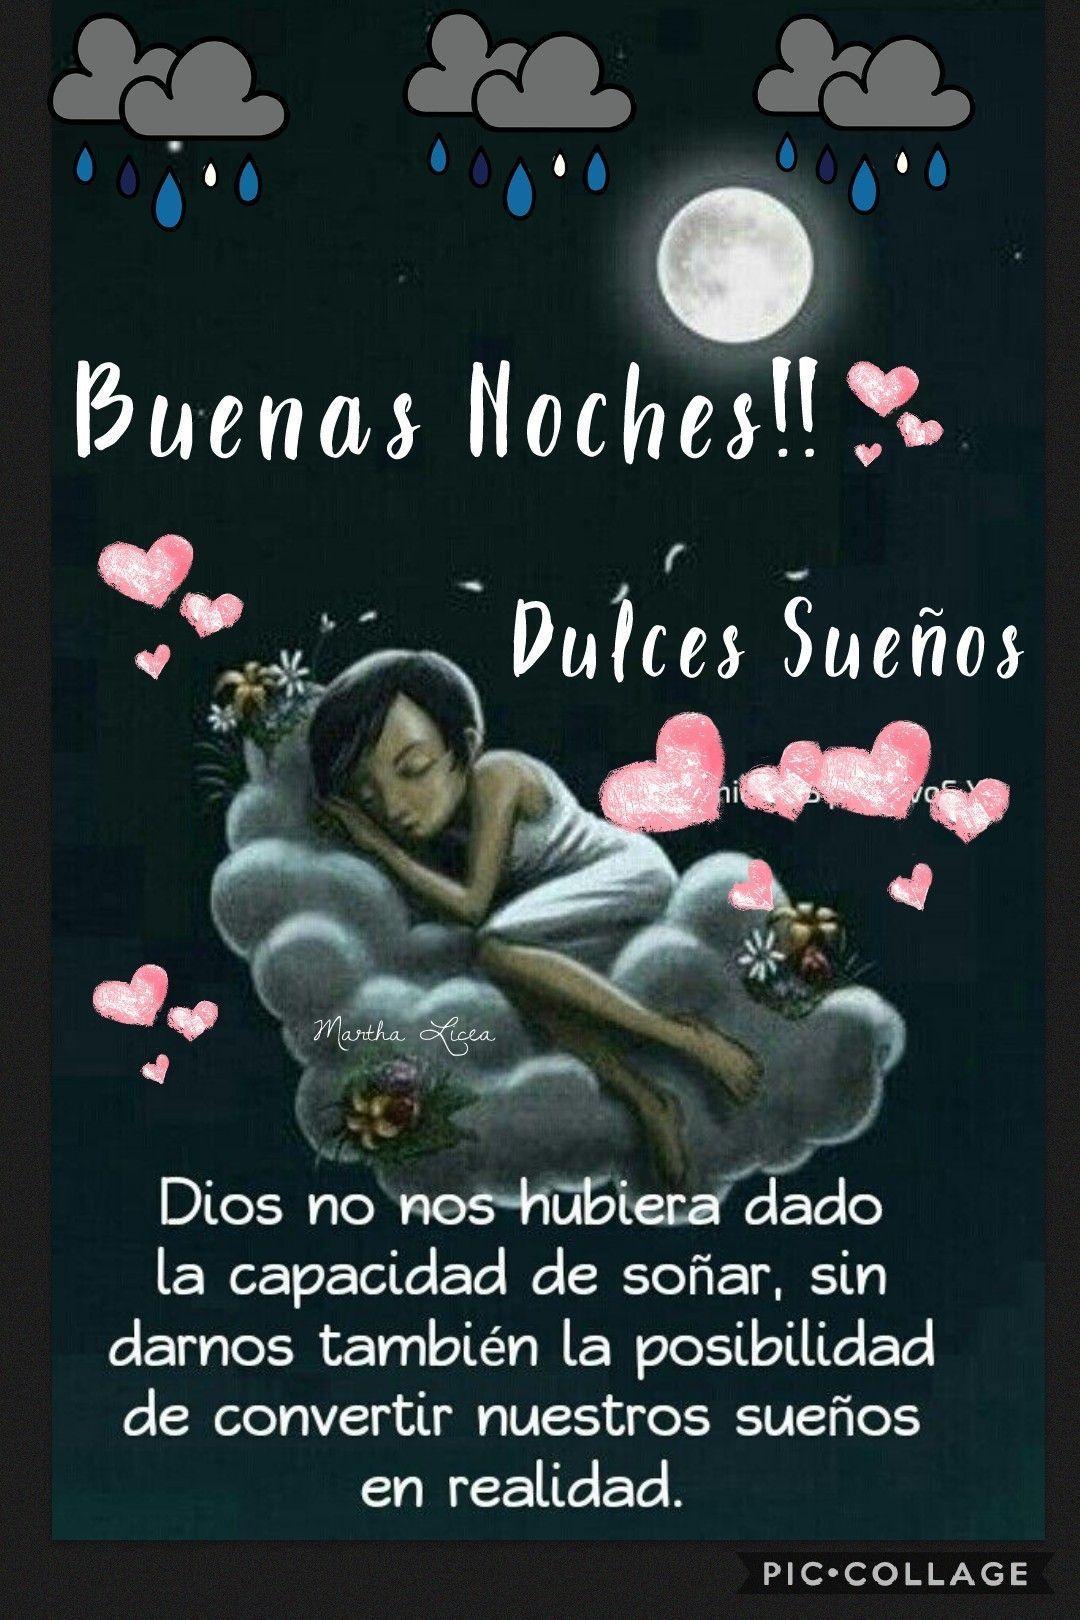 Pin De Jorge Aguilar En Buenas Noches Postales De Buenas Noches